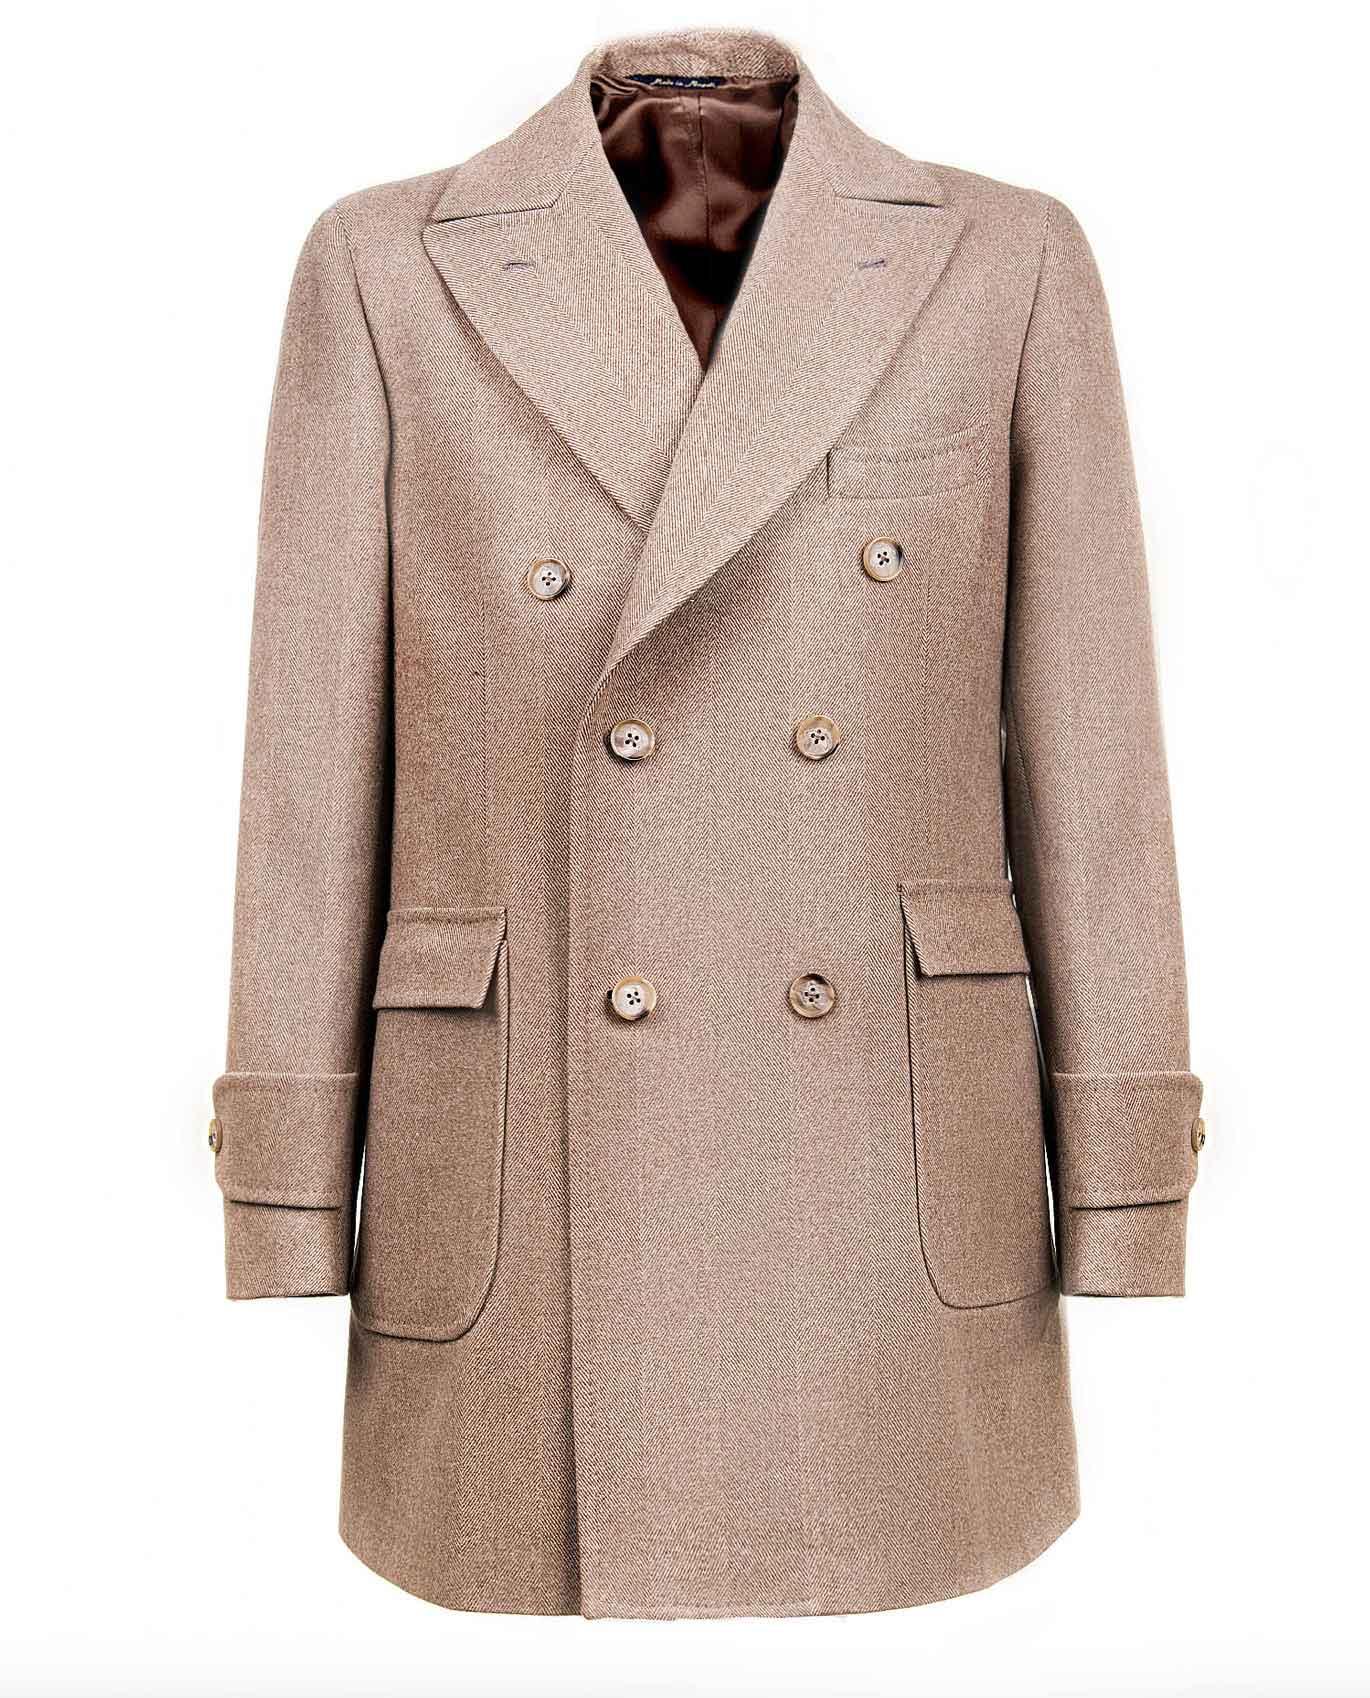 foto ecommerce vestito cappotto esempio